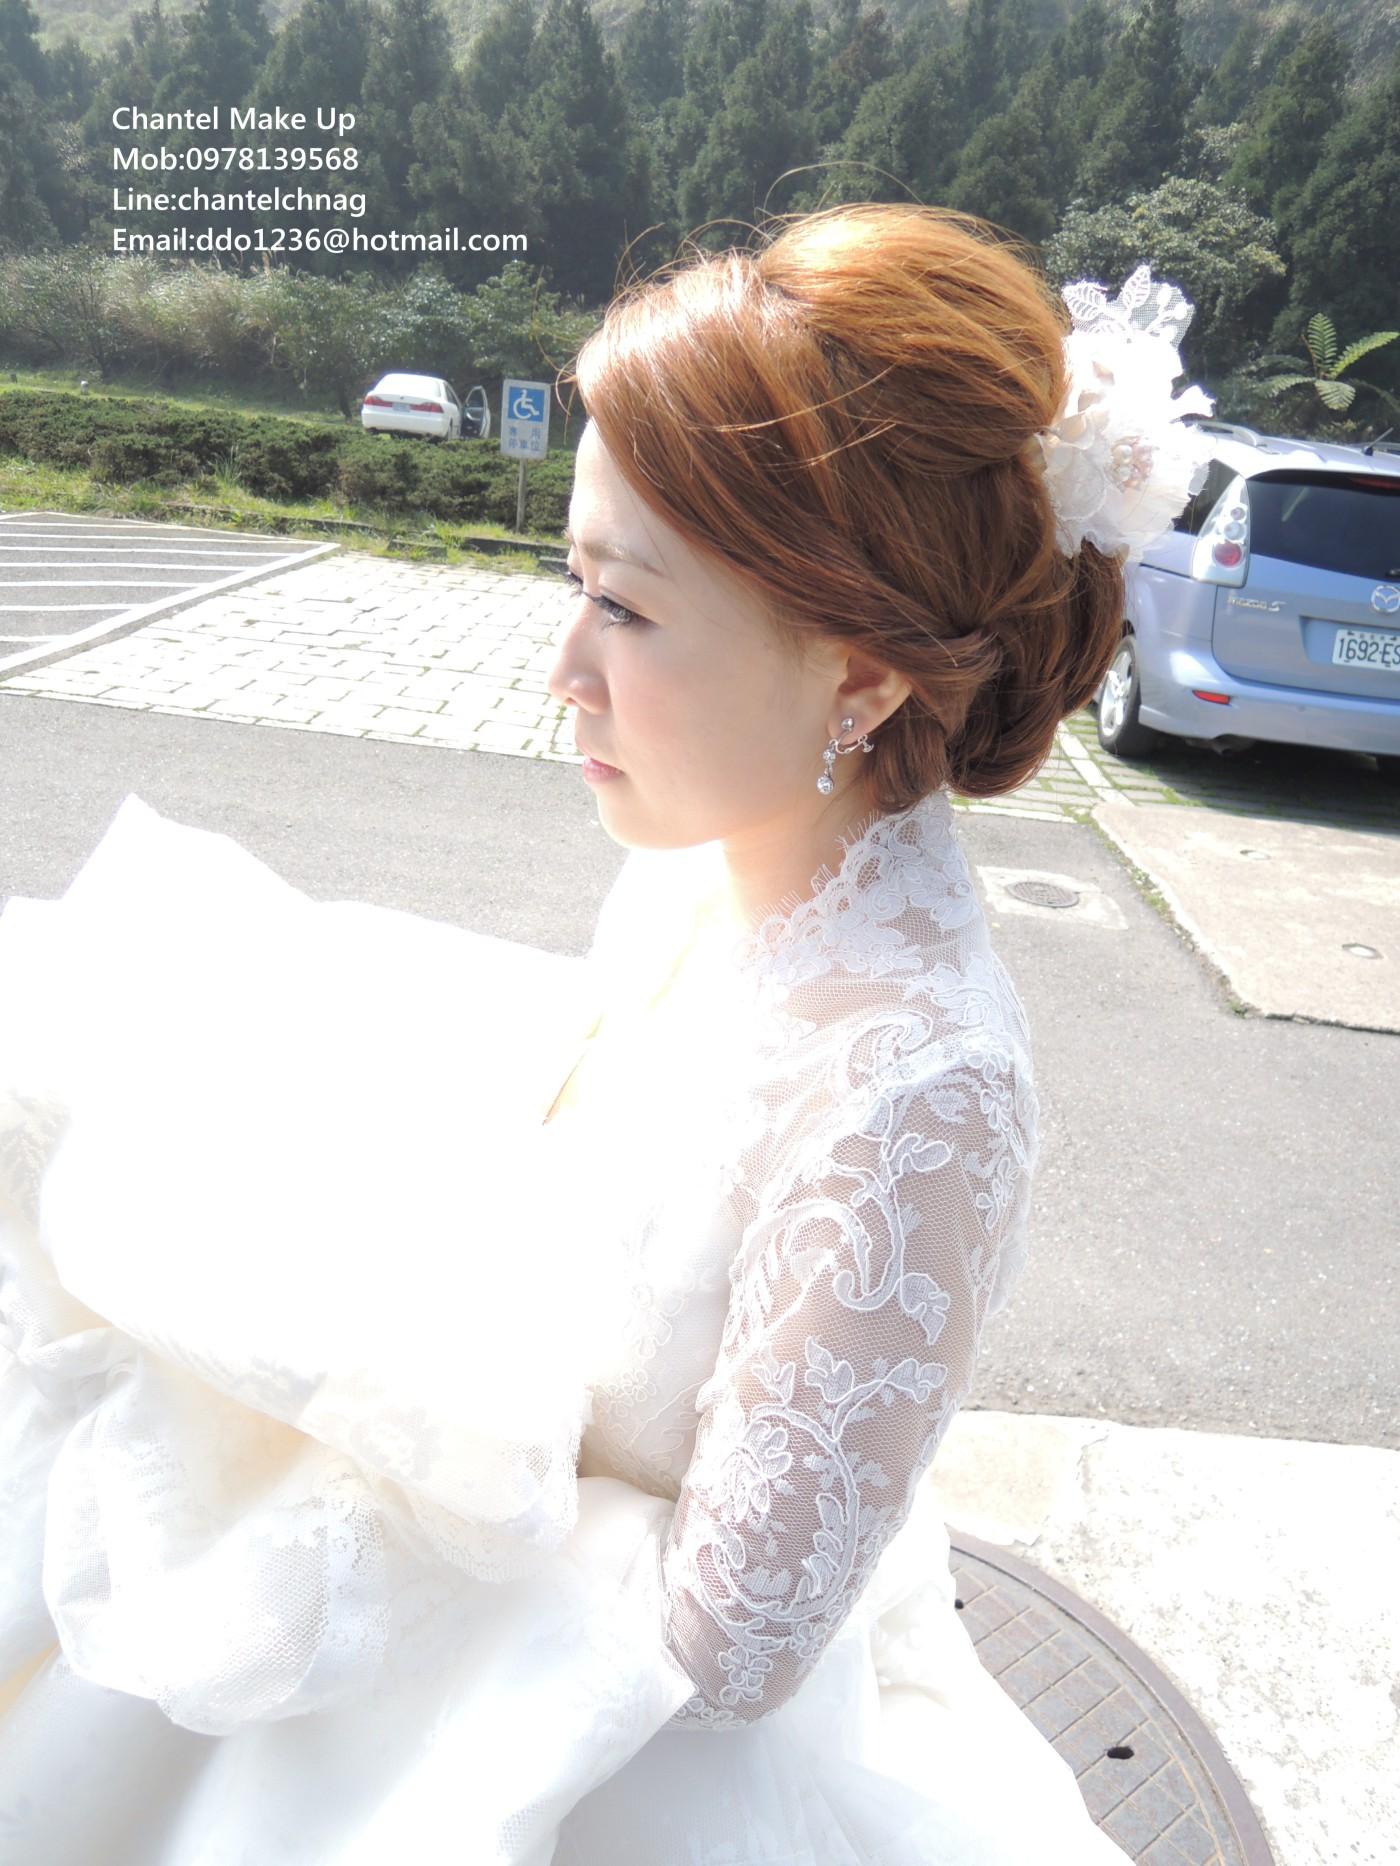 DSCN9095_副本